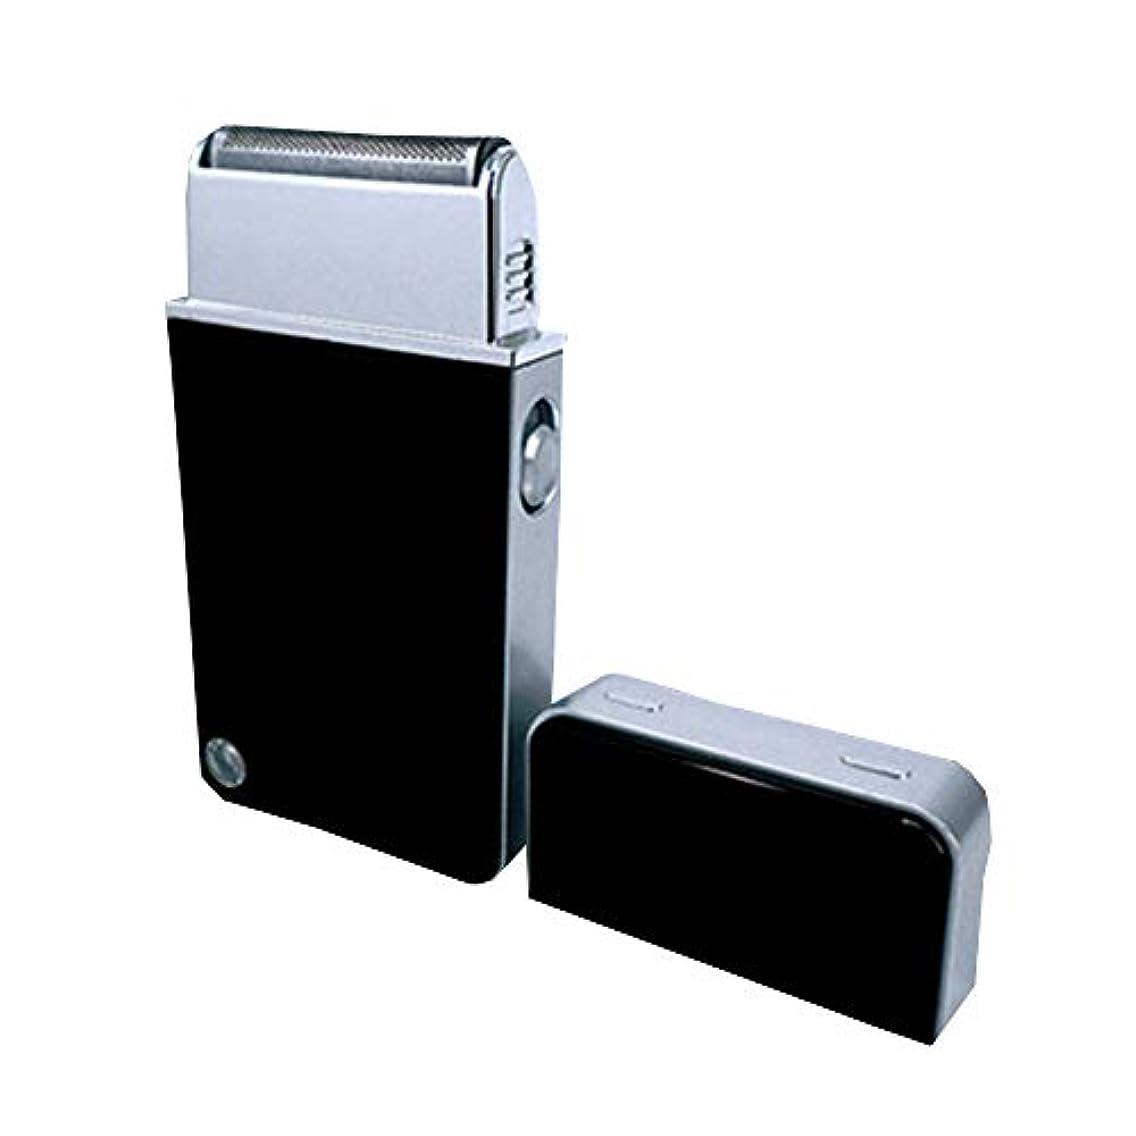 ステープル九六シェーバー メンズ 髭剃り USB充電式 電気シェーバー 男性 電動 旅行用 ひげ剃り ひげそり コンパクト